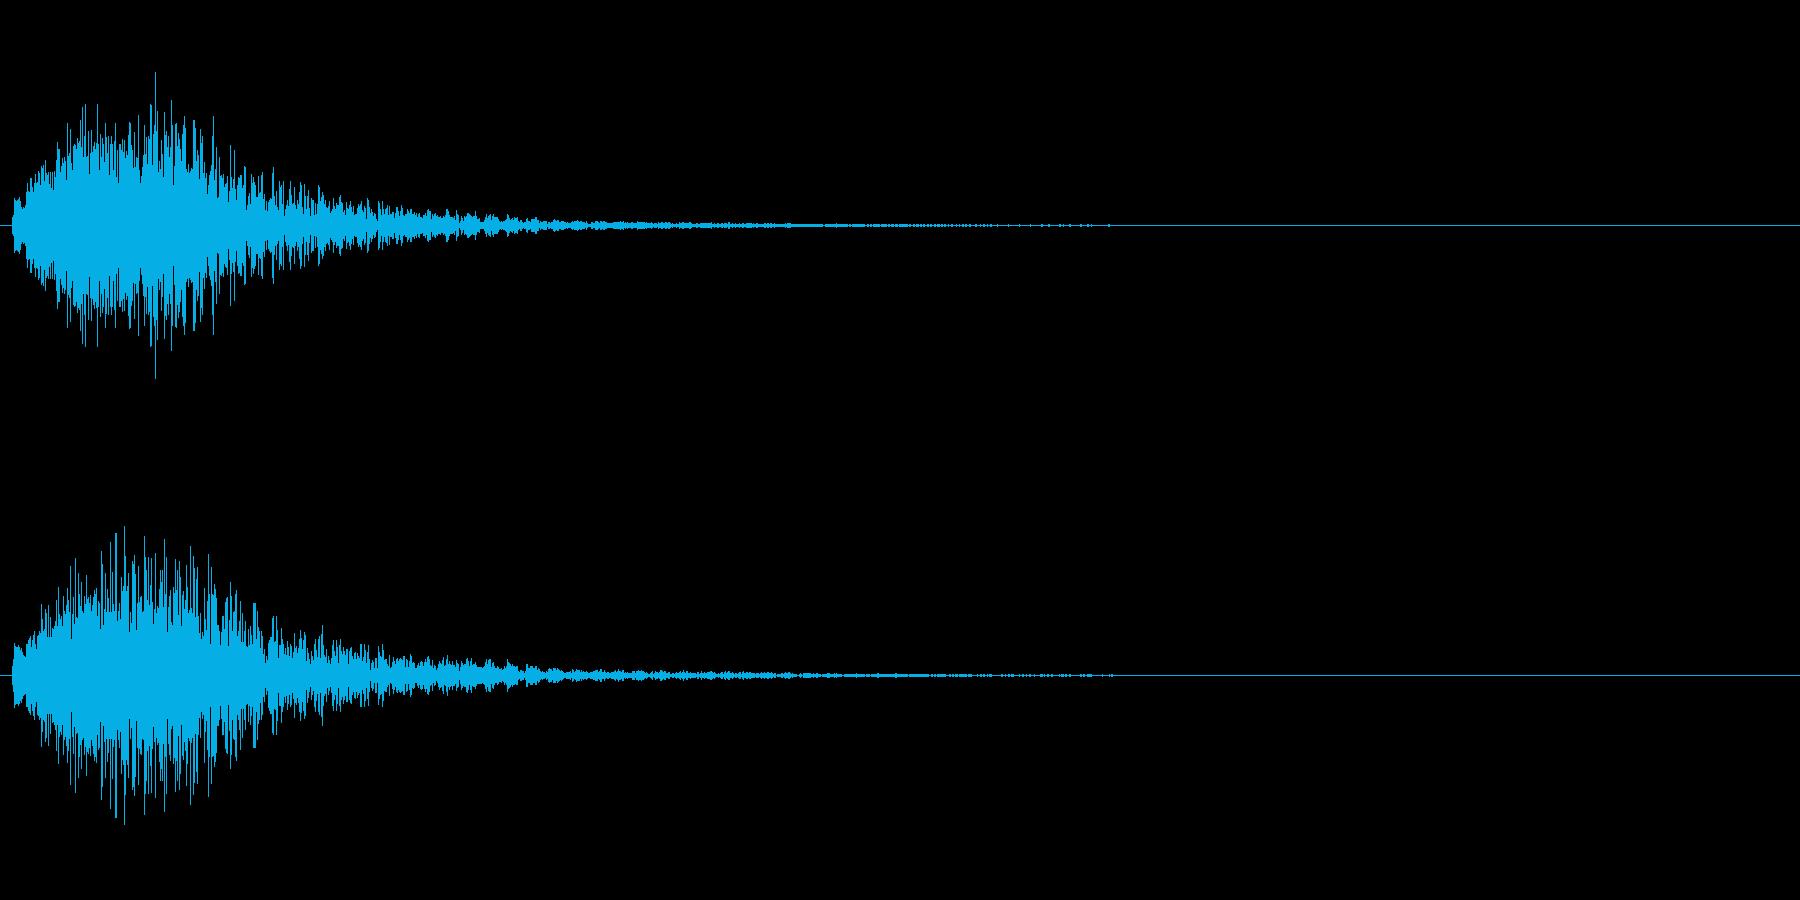 ハープのグリッサンド 下降形の再生済みの波形